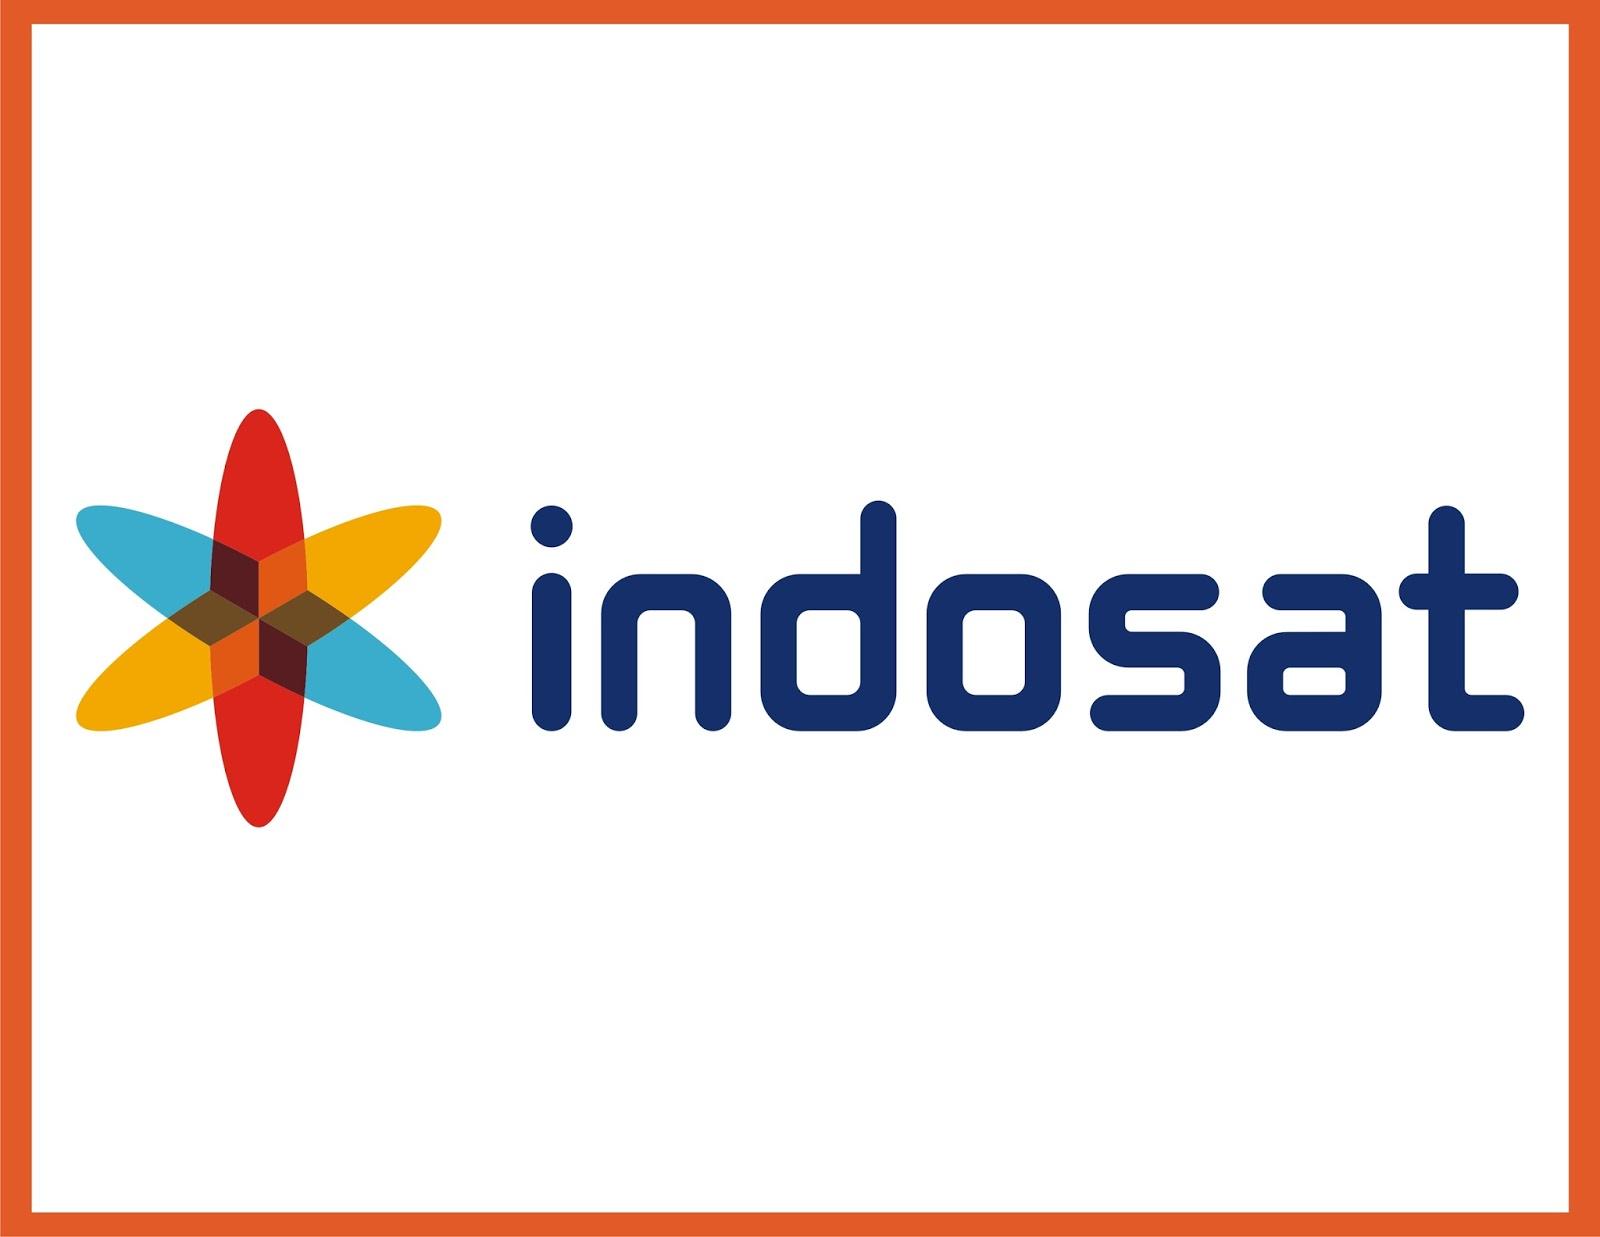 Lowongan Cpns Di Pati Lowongan Cpns Pati Kab Pusat Info Bumn Cpns 2016 Lowongan Kerja Pt Indosat Info Lowongan Pekerjaan Terbaru 2015